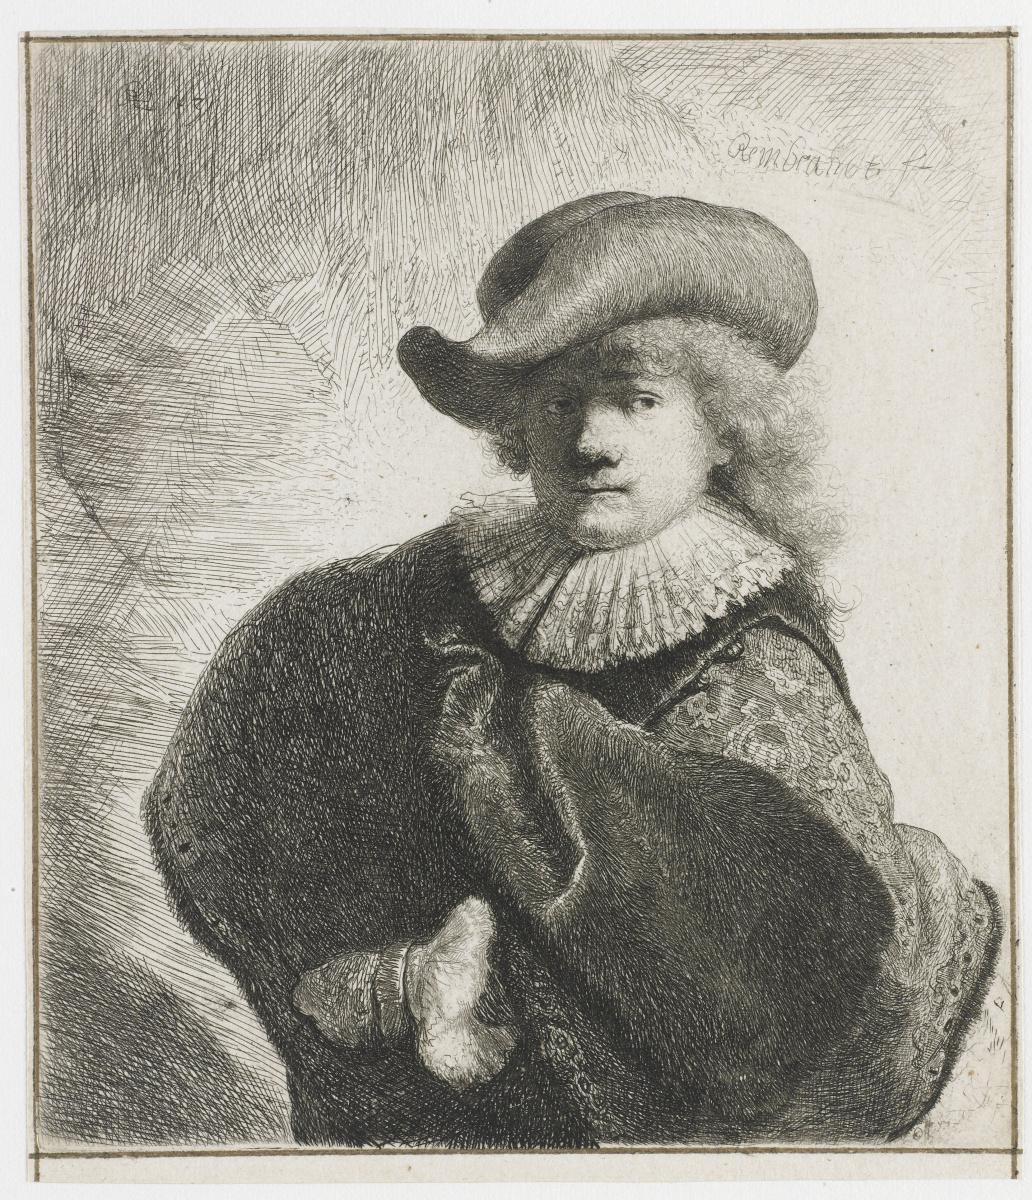 Рембрандт Харменс ван Рейн. Автопортрет в шляпе с загнутыми полями и вышитом плаще